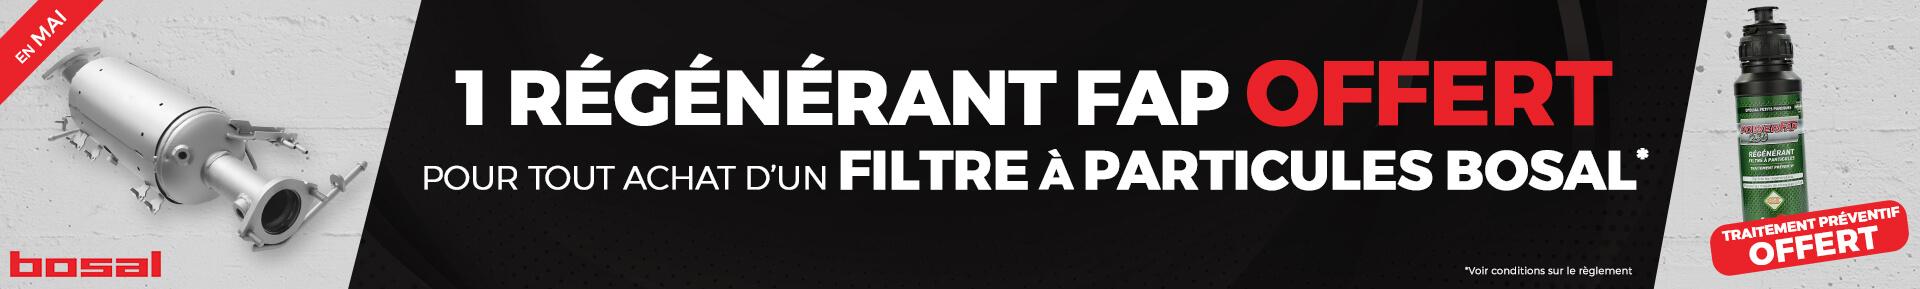 Pour tout achat d'un filtre à particules BOSAL, un régénérant FAP OFFERT *